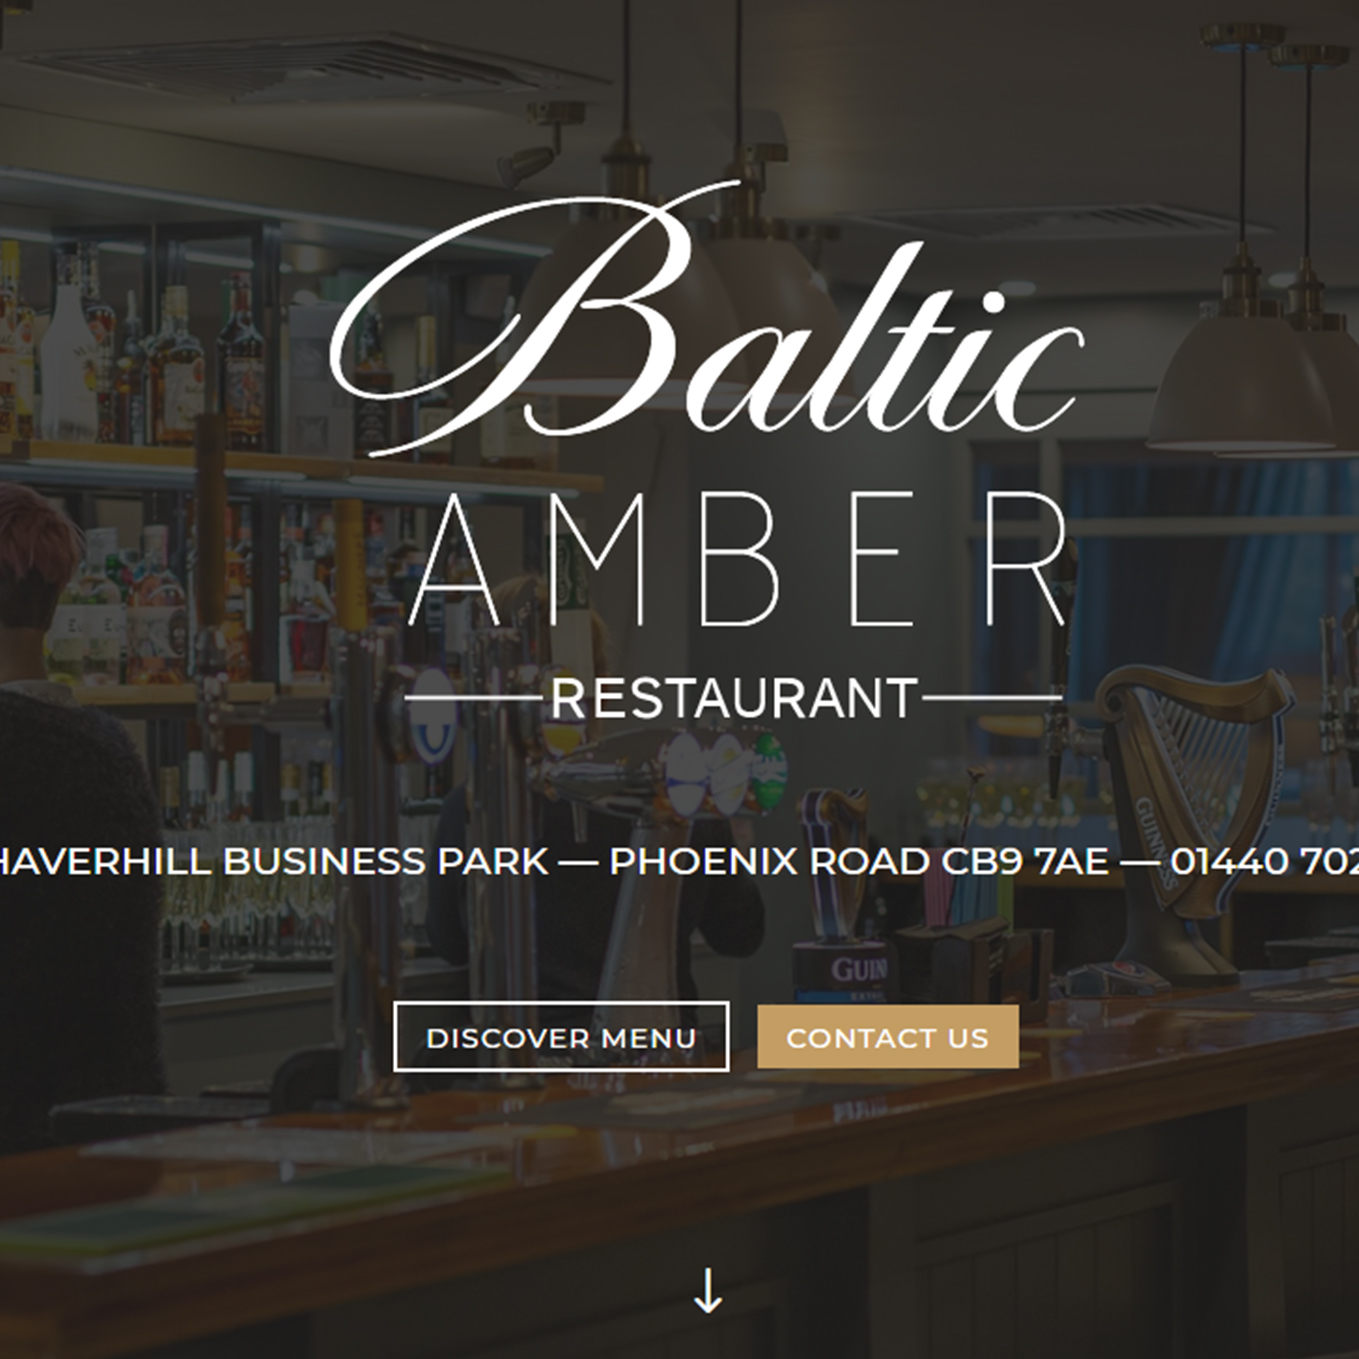 baltic amber testimonial